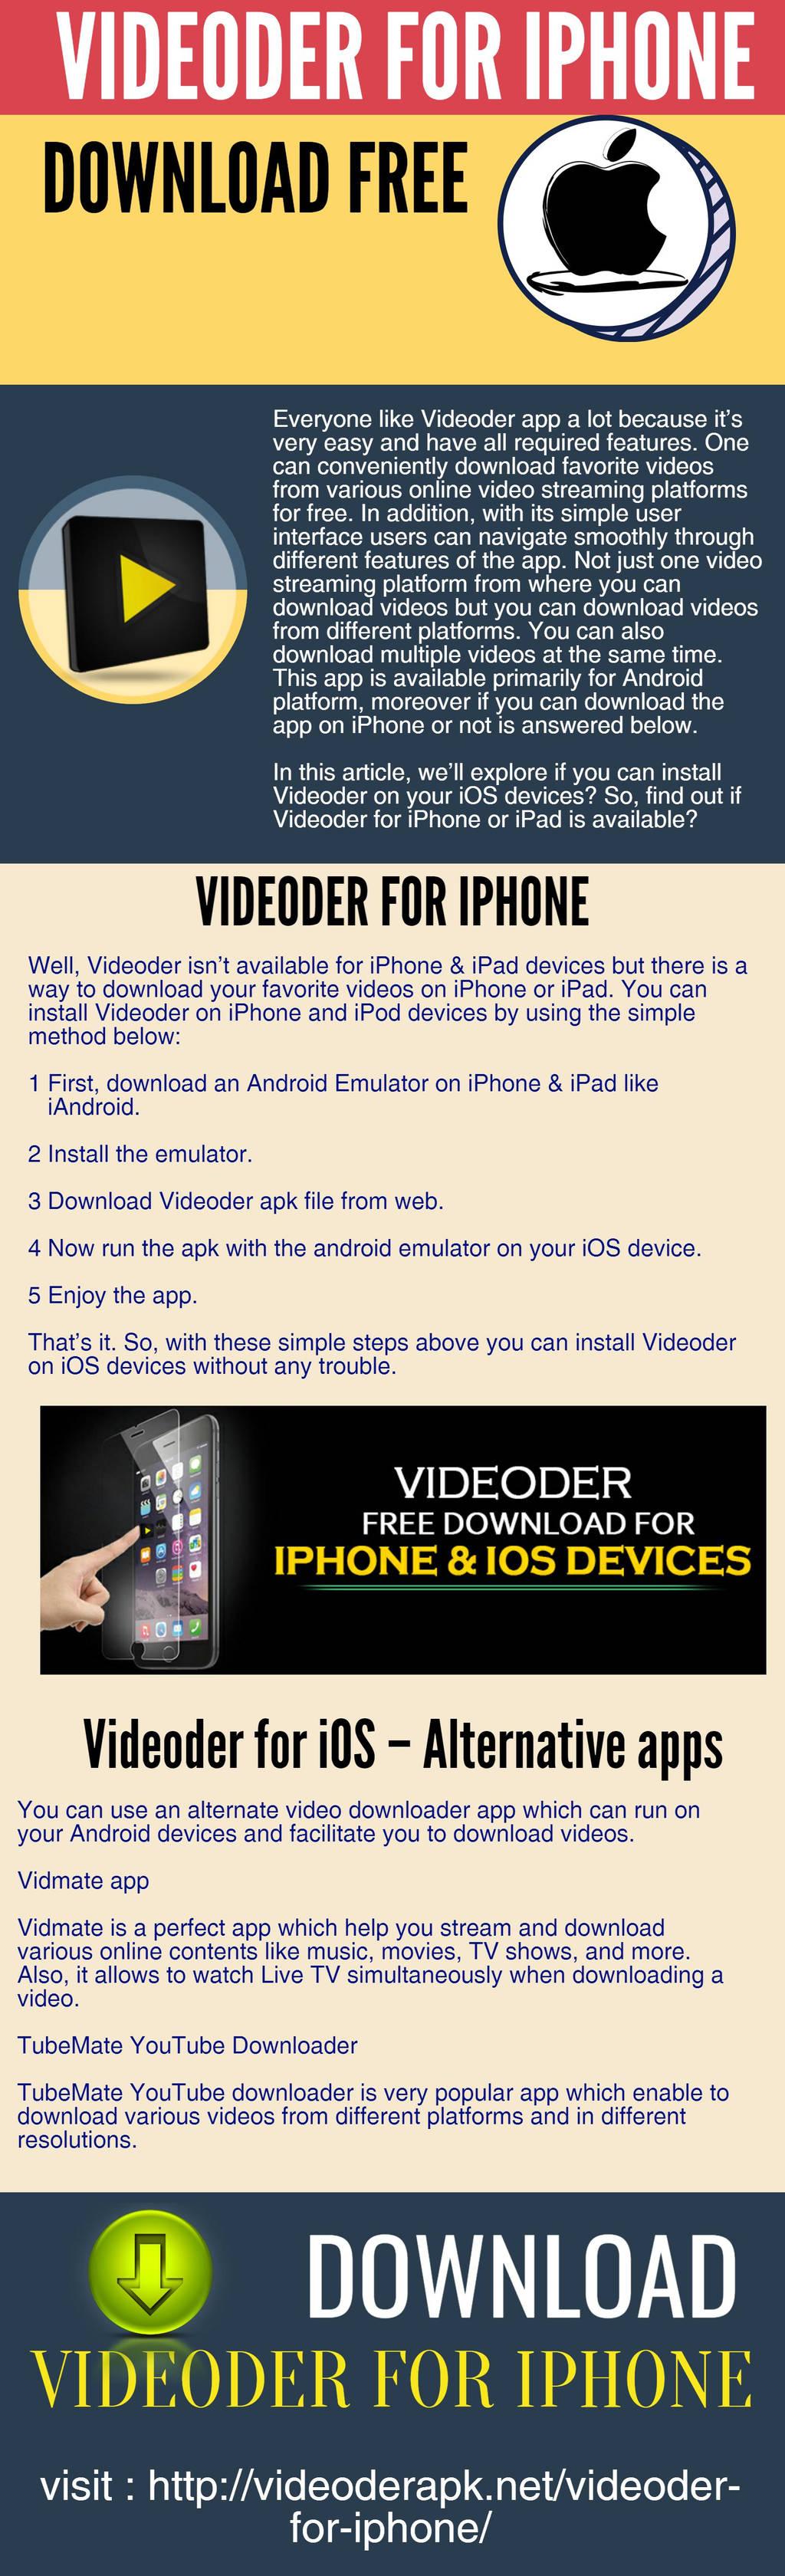 Videoder For IPhone Download Free by videoderapk on DeviantArt